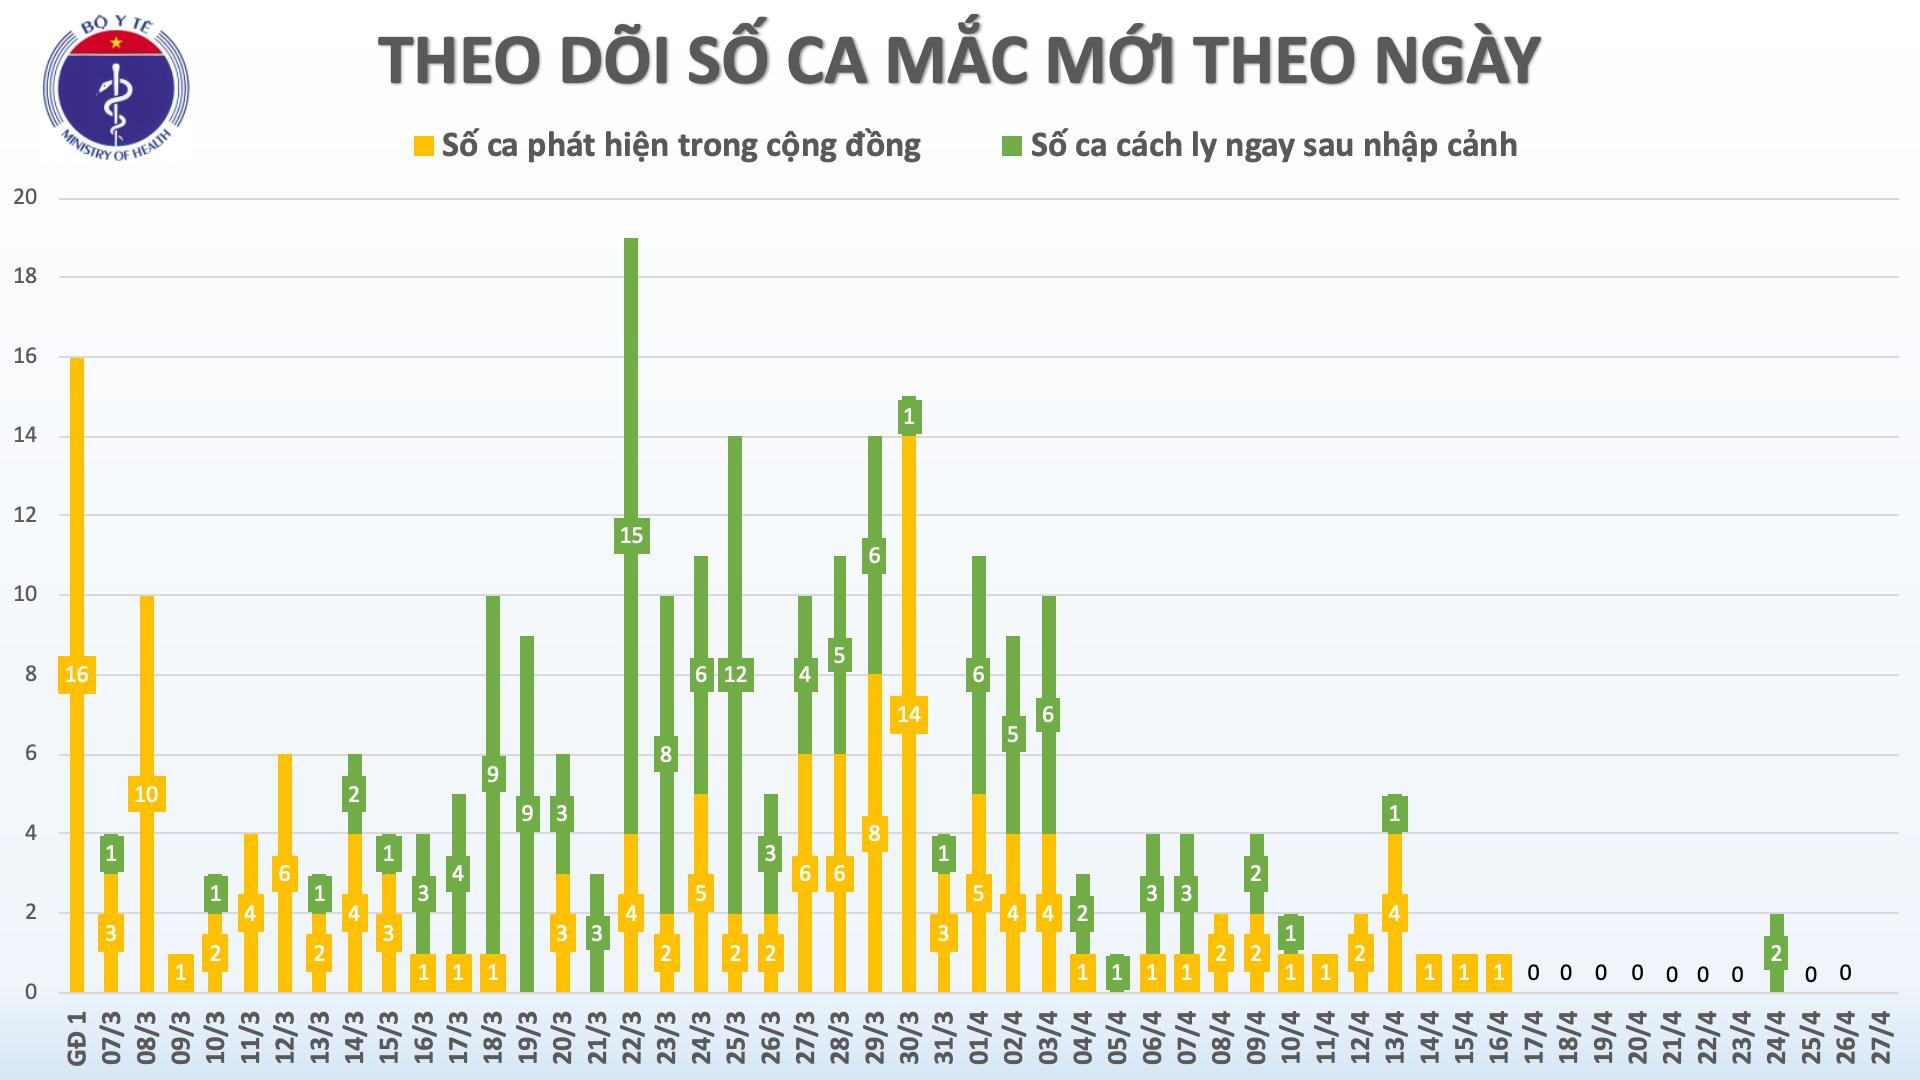 Sáng 27/4, Việt Nam đã sang ngày thứ 11 không có ca mắc mới COVID-19 trong cộng đồng - Ảnh 2